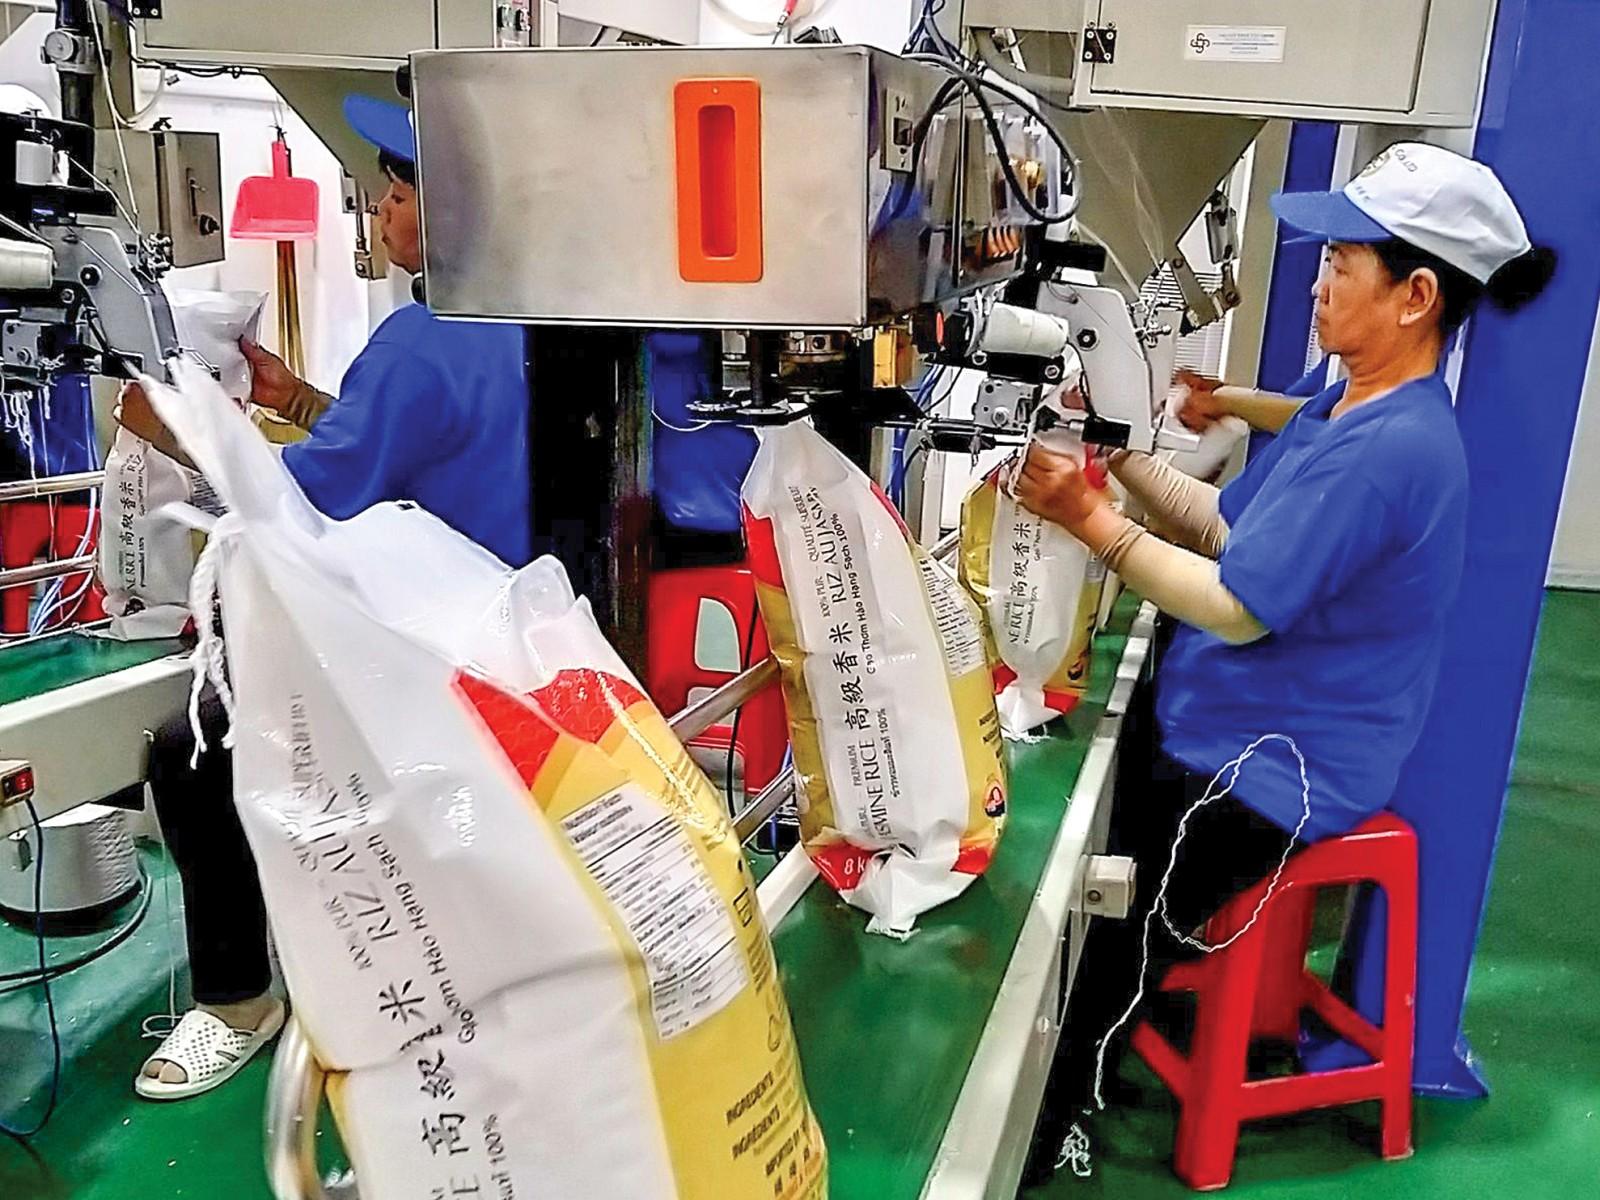 Dây chuyền đóng bao bì gạo xuất khẩu tại Công ty Cổ phần Nông nghiệp Công nghệ cao Trung An. Ảnh: MINH HUYỀN